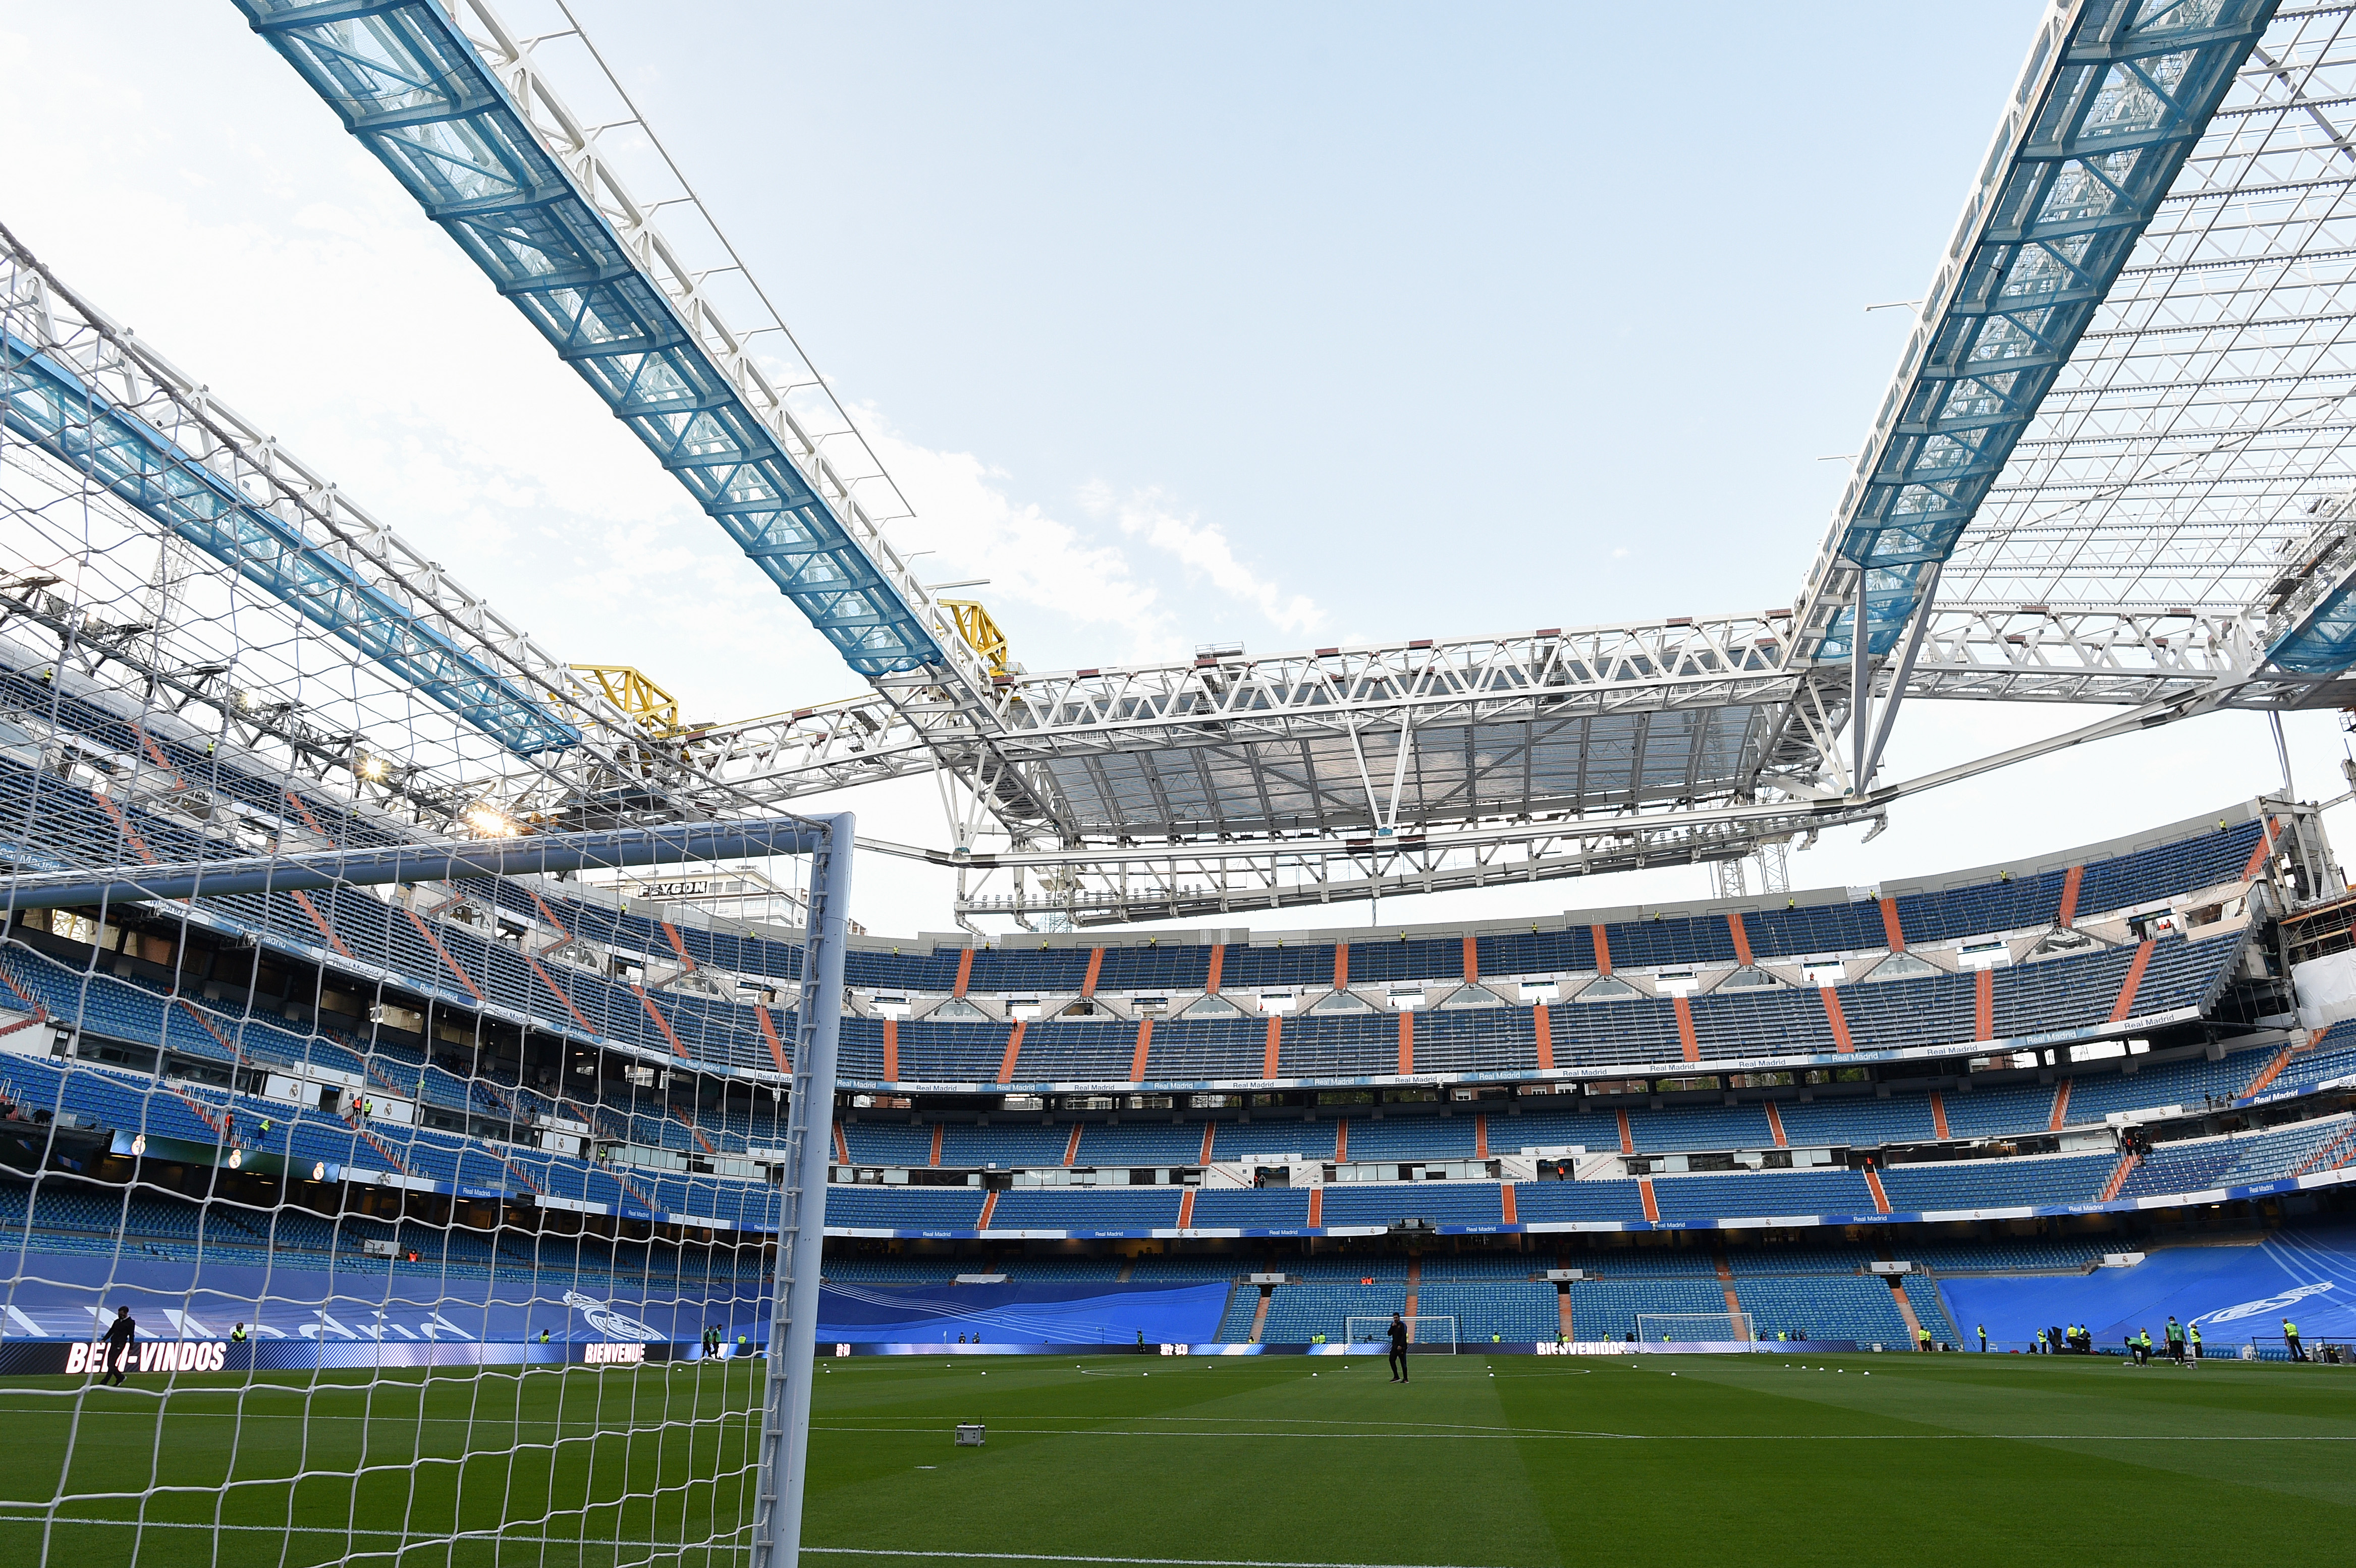 Real Madrid CF v Villarreal CF - La Liga Santander